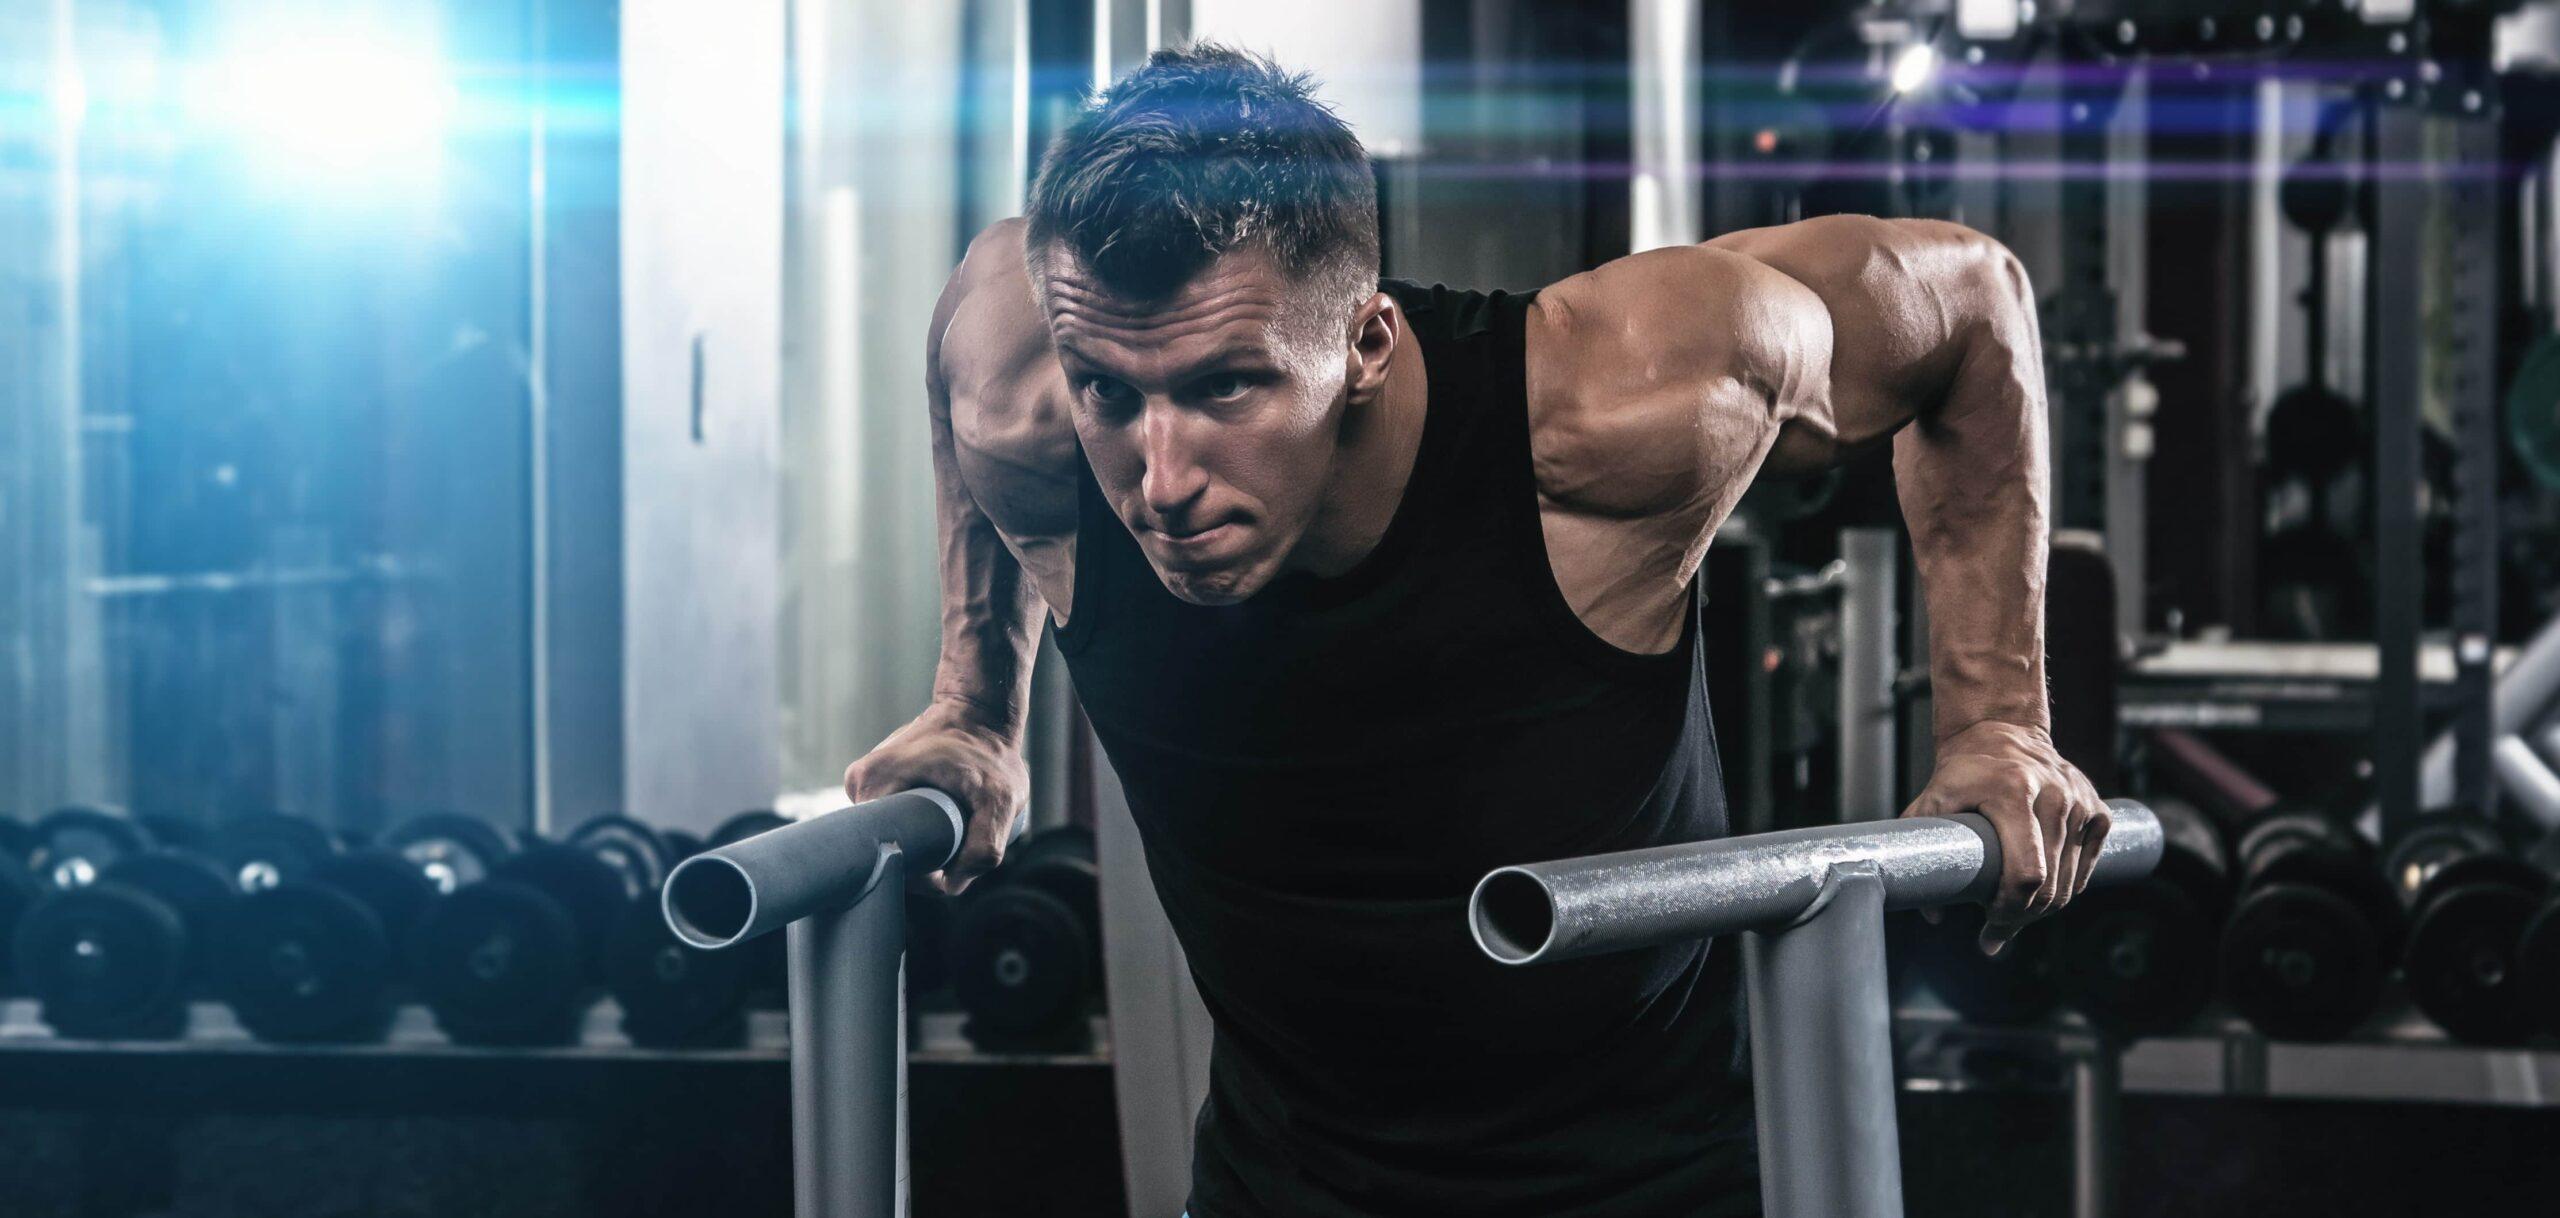 scheda di allenamento per l'ipertrofia e la massa muscolare